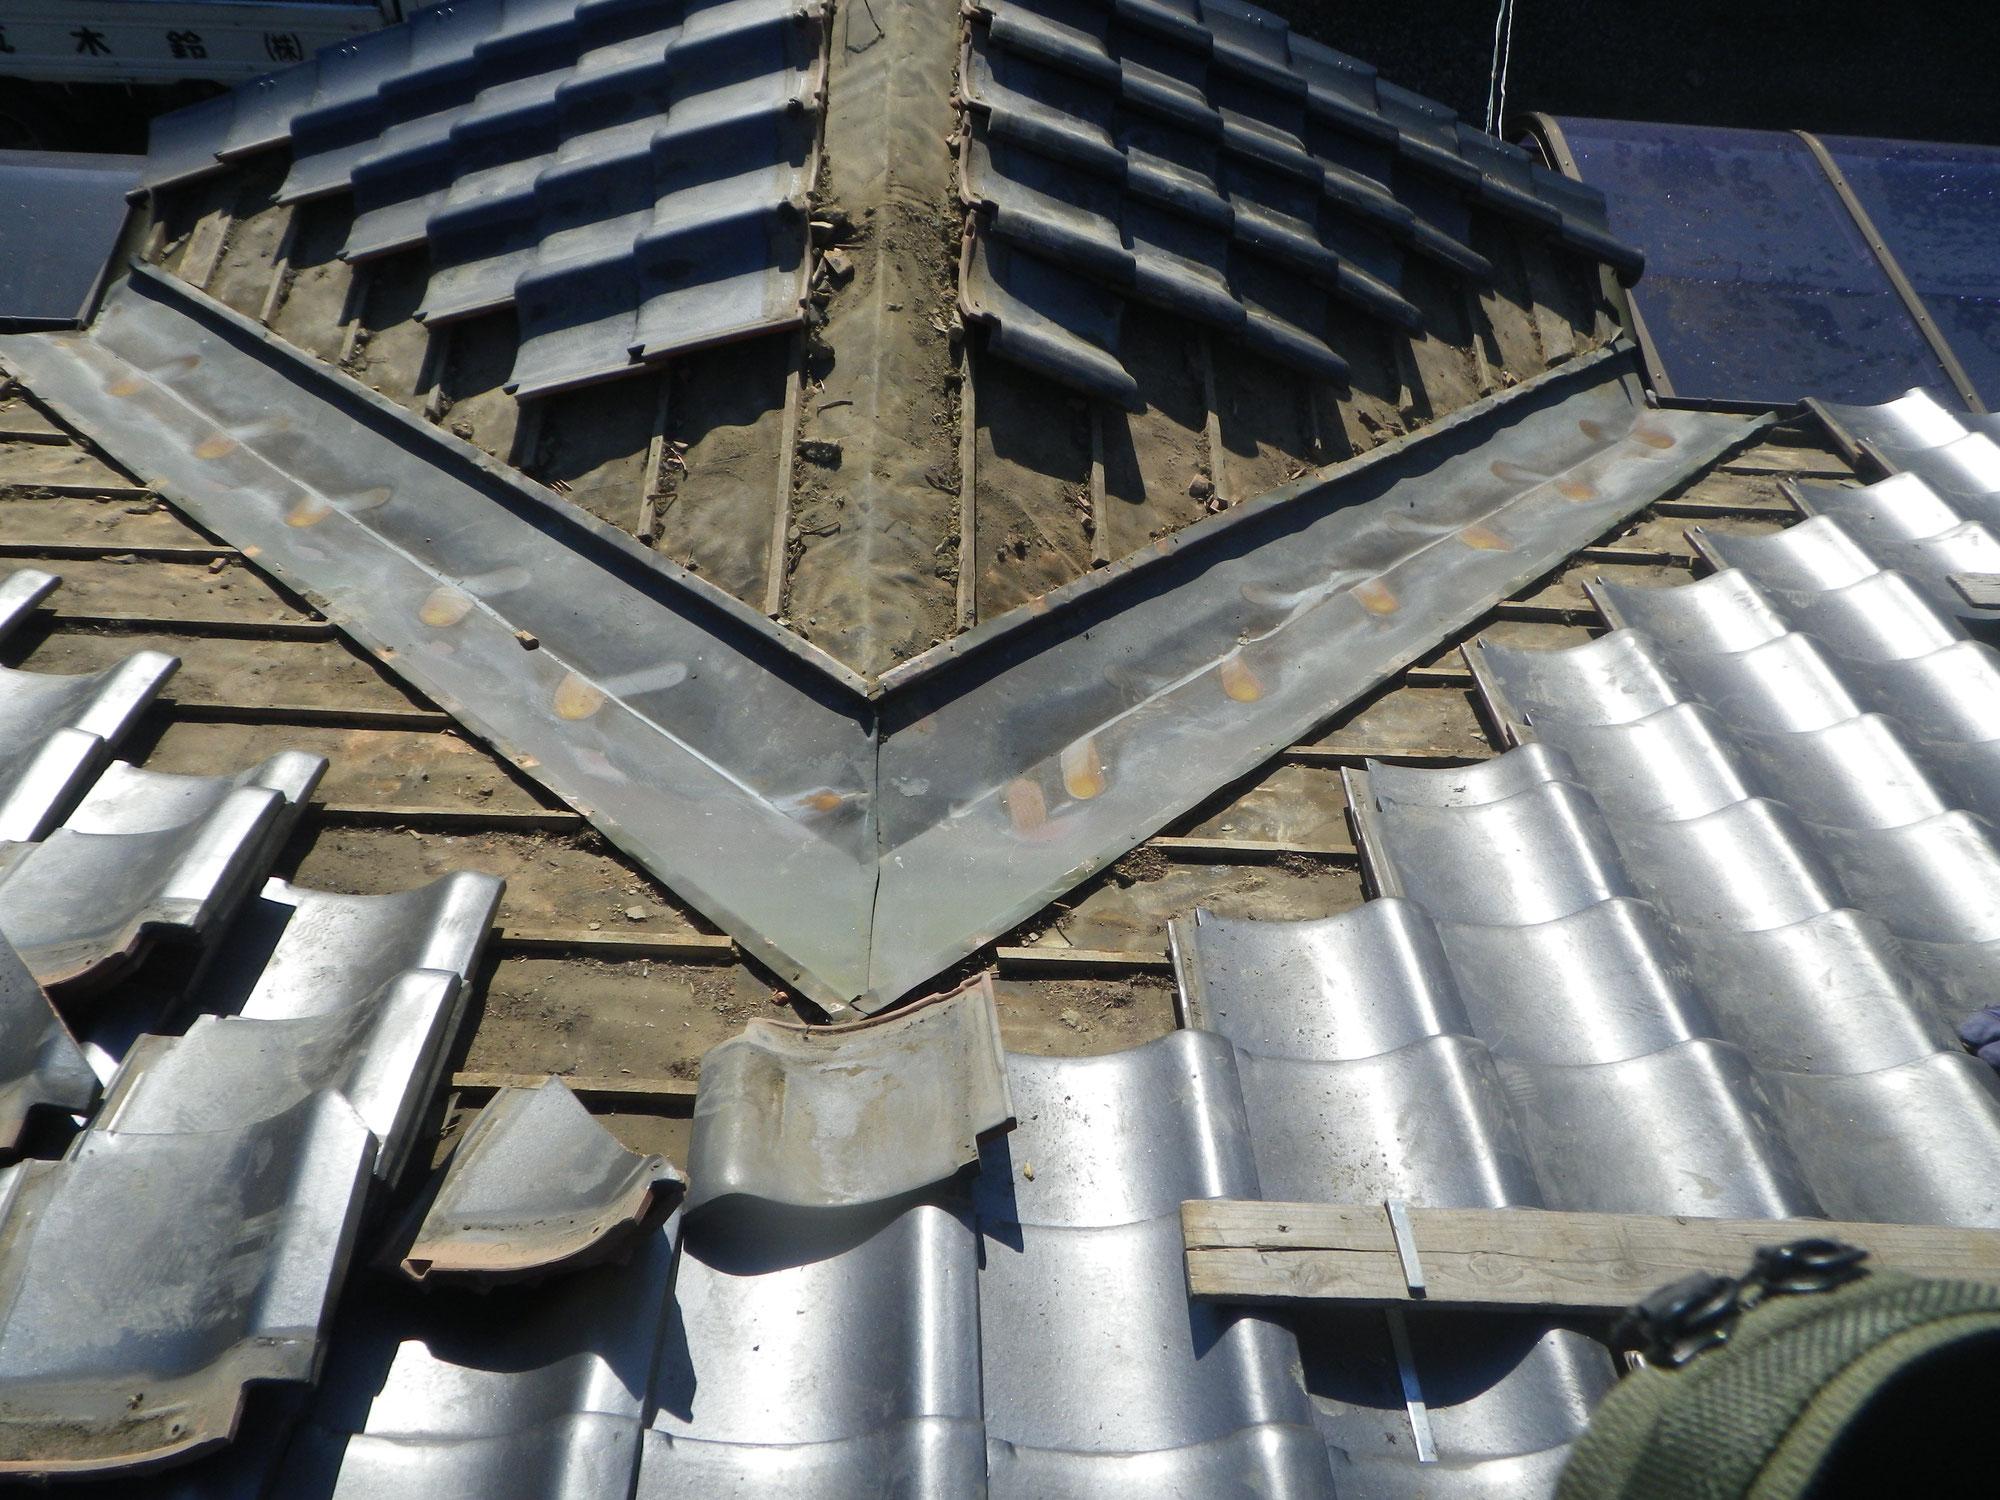 瓦屋根の谷板金からの漏水修理工事風景をご紹介します!in矢板市